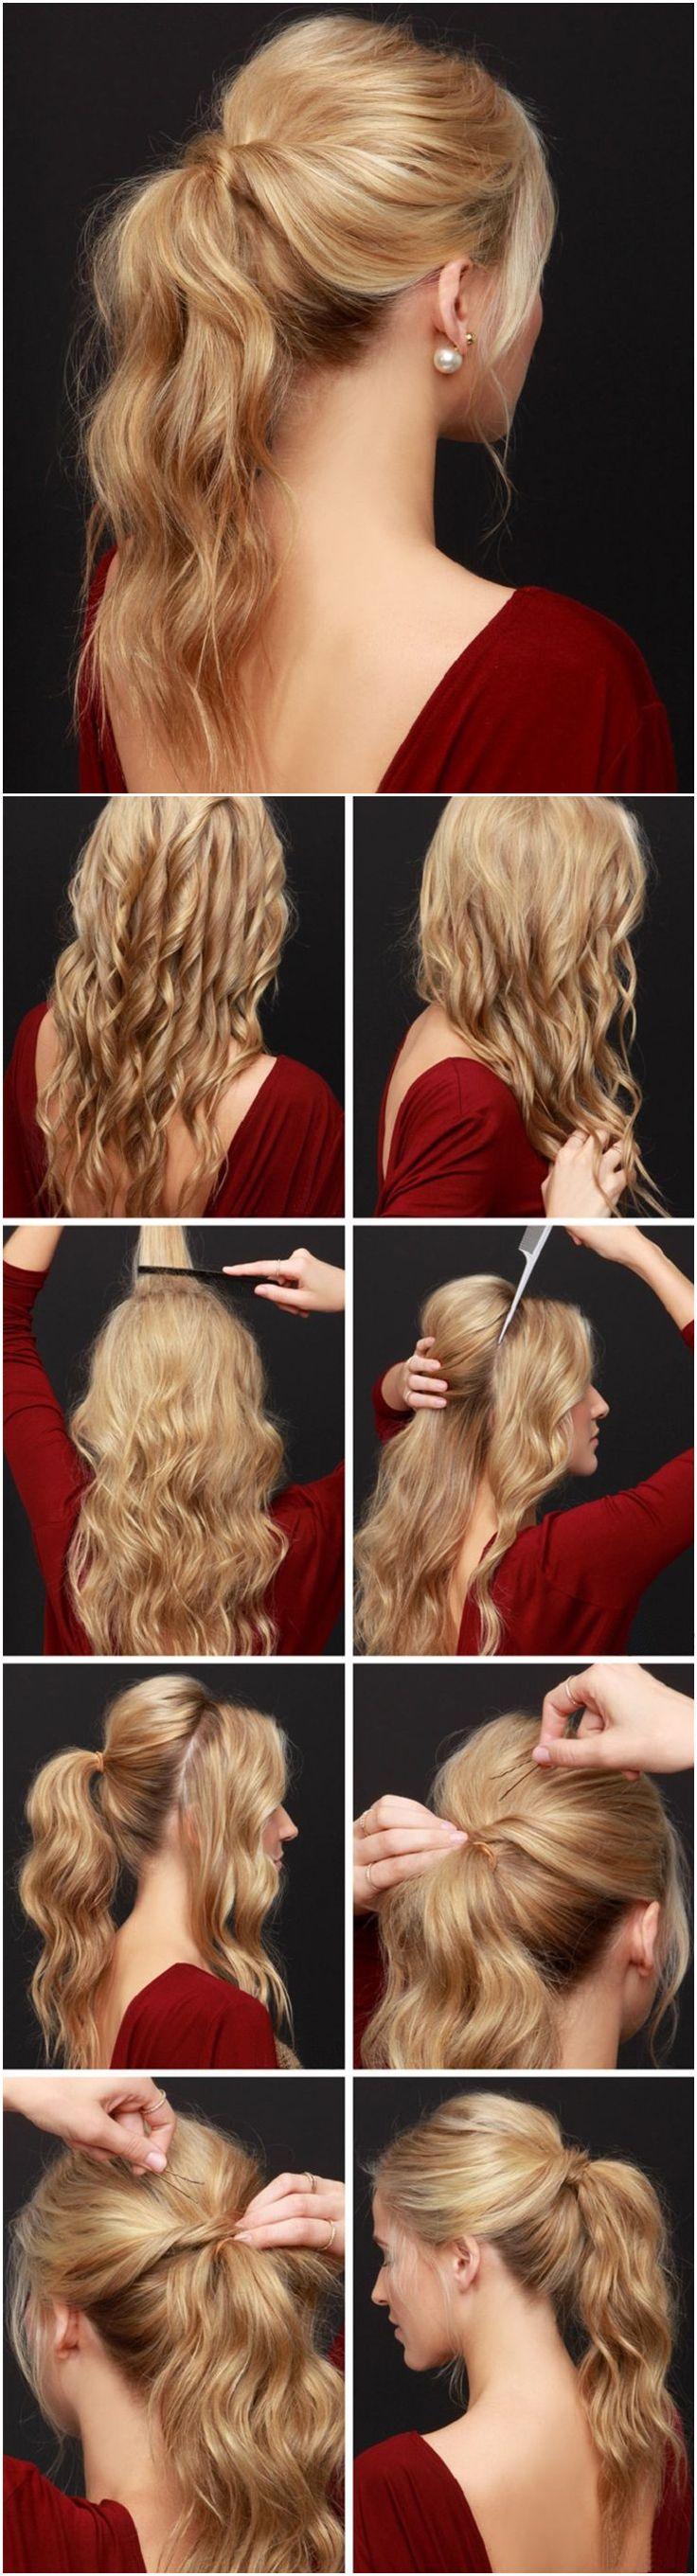 Новогодняя прическа для средних волос в домашних условиях